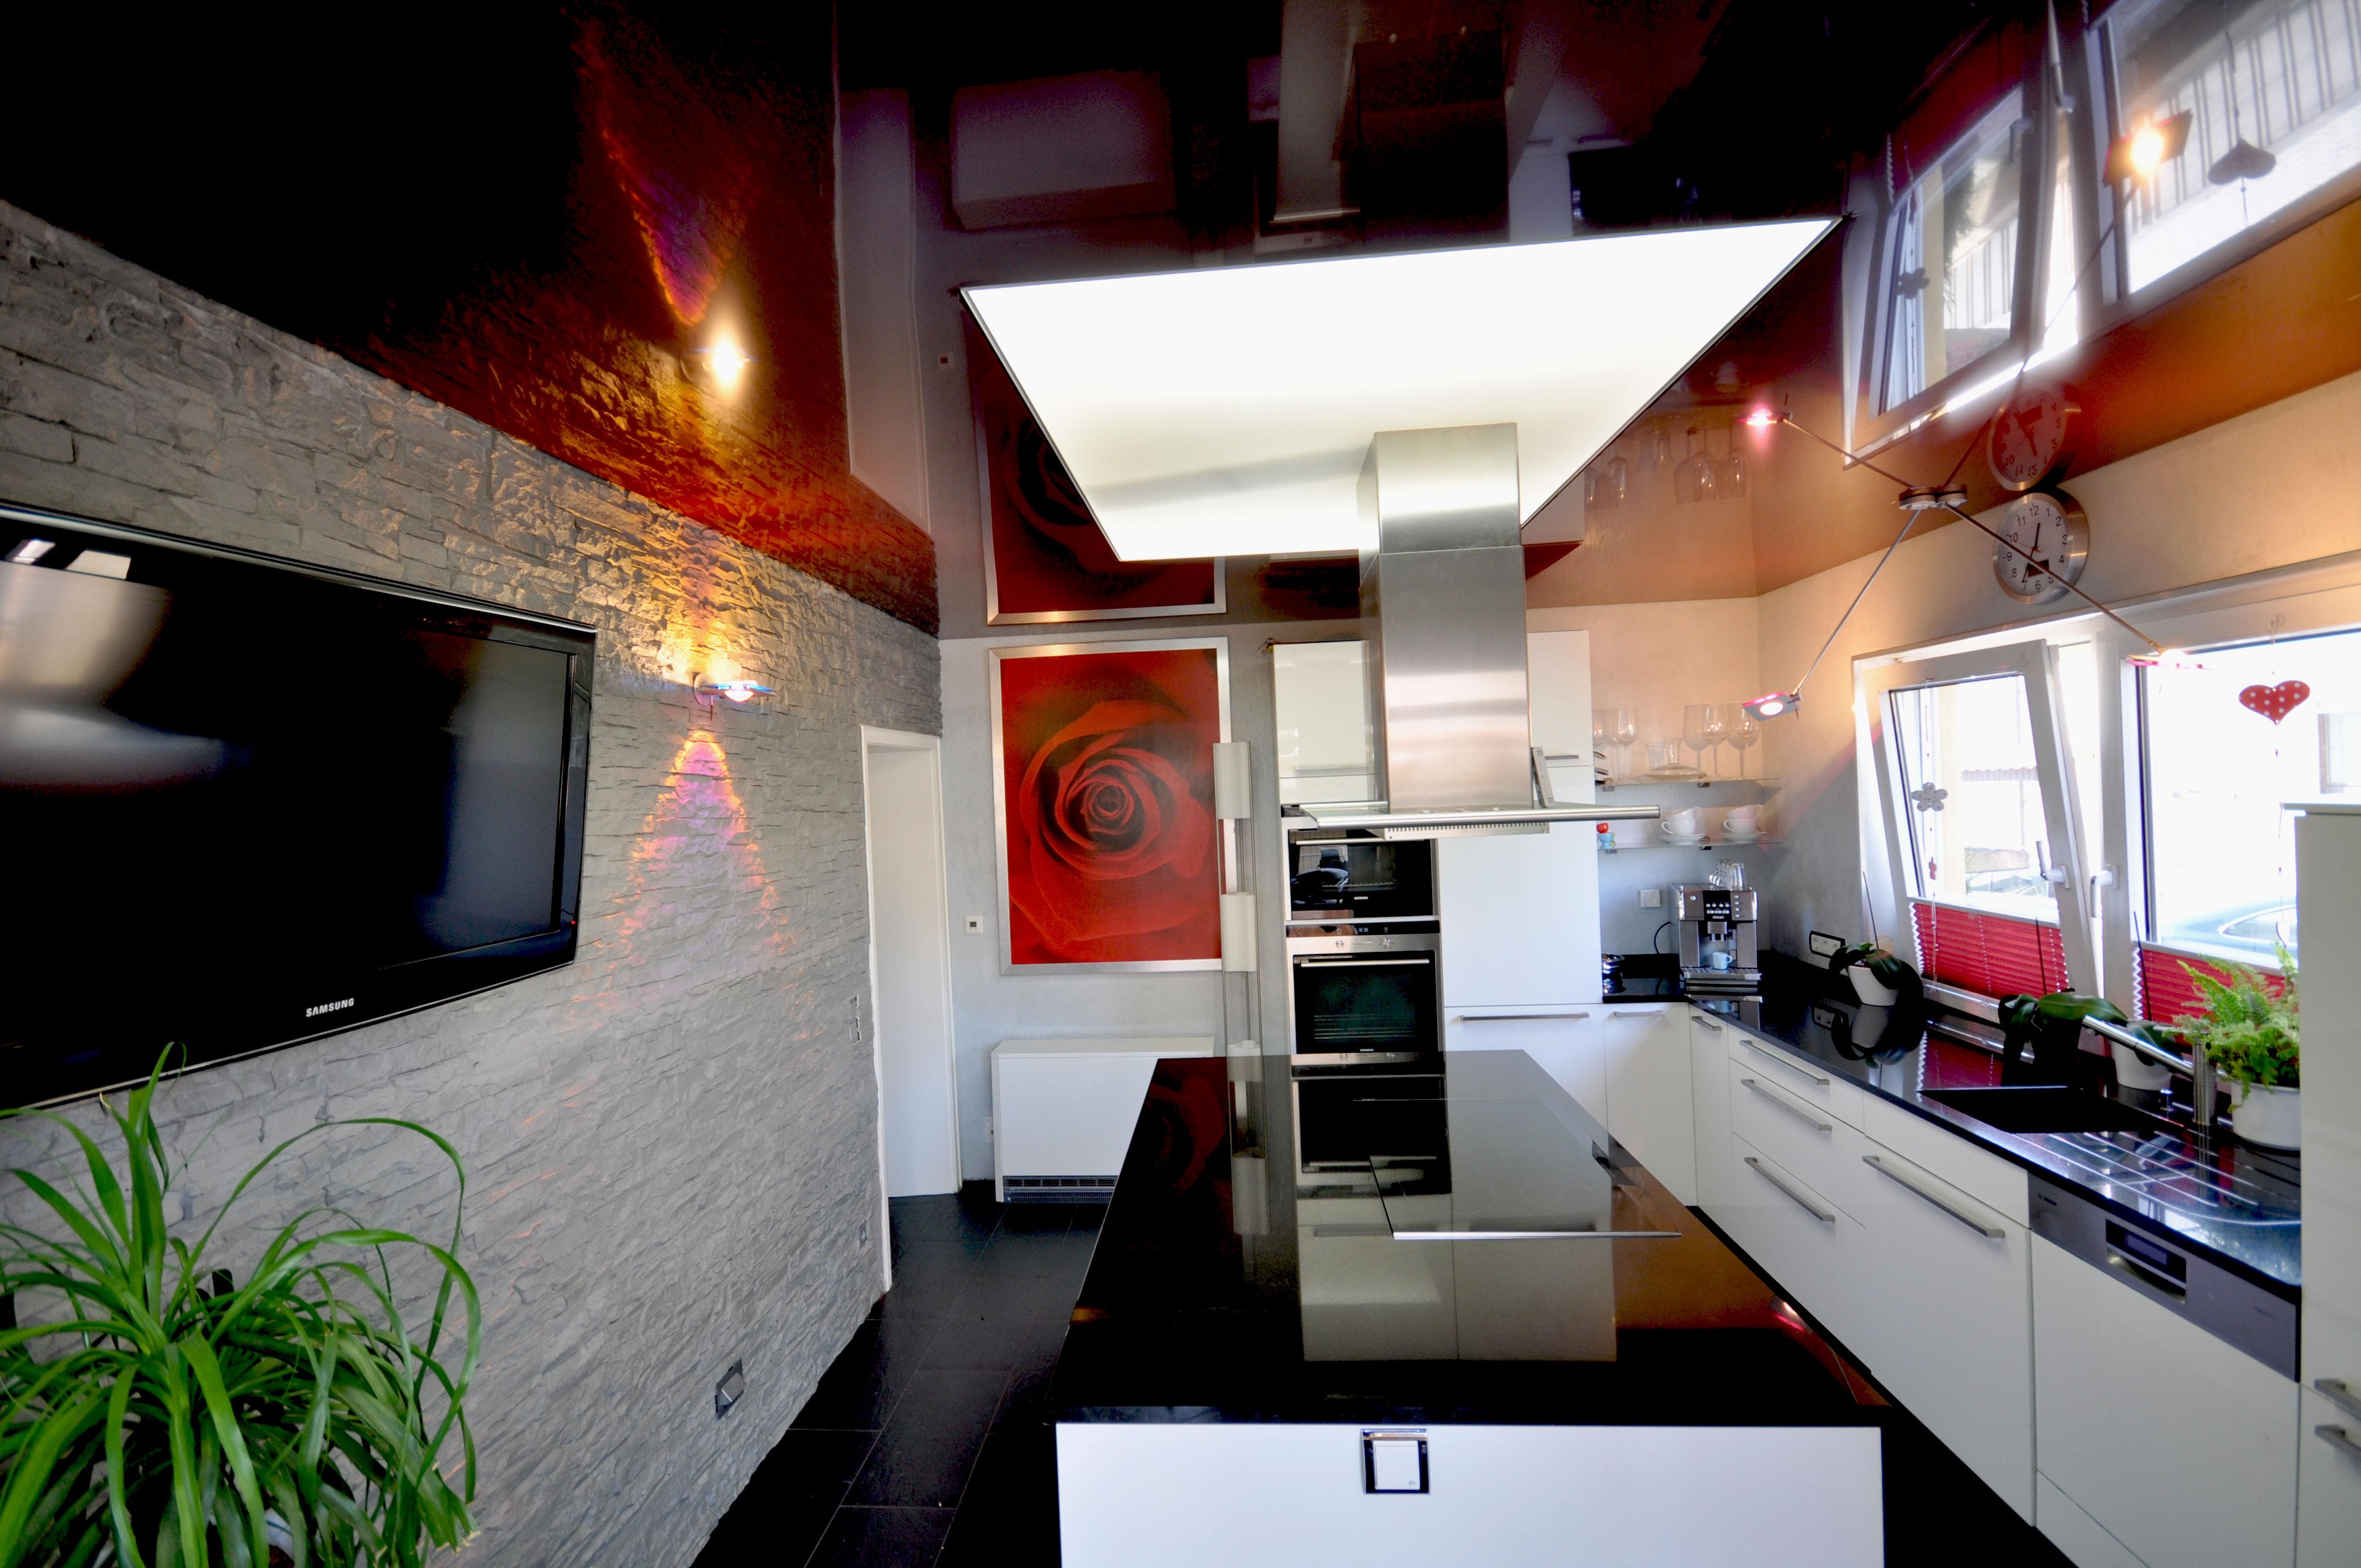 spanndecken in der k che spanndecken duesseldorf dortmund. Black Bedroom Furniture Sets. Home Design Ideas